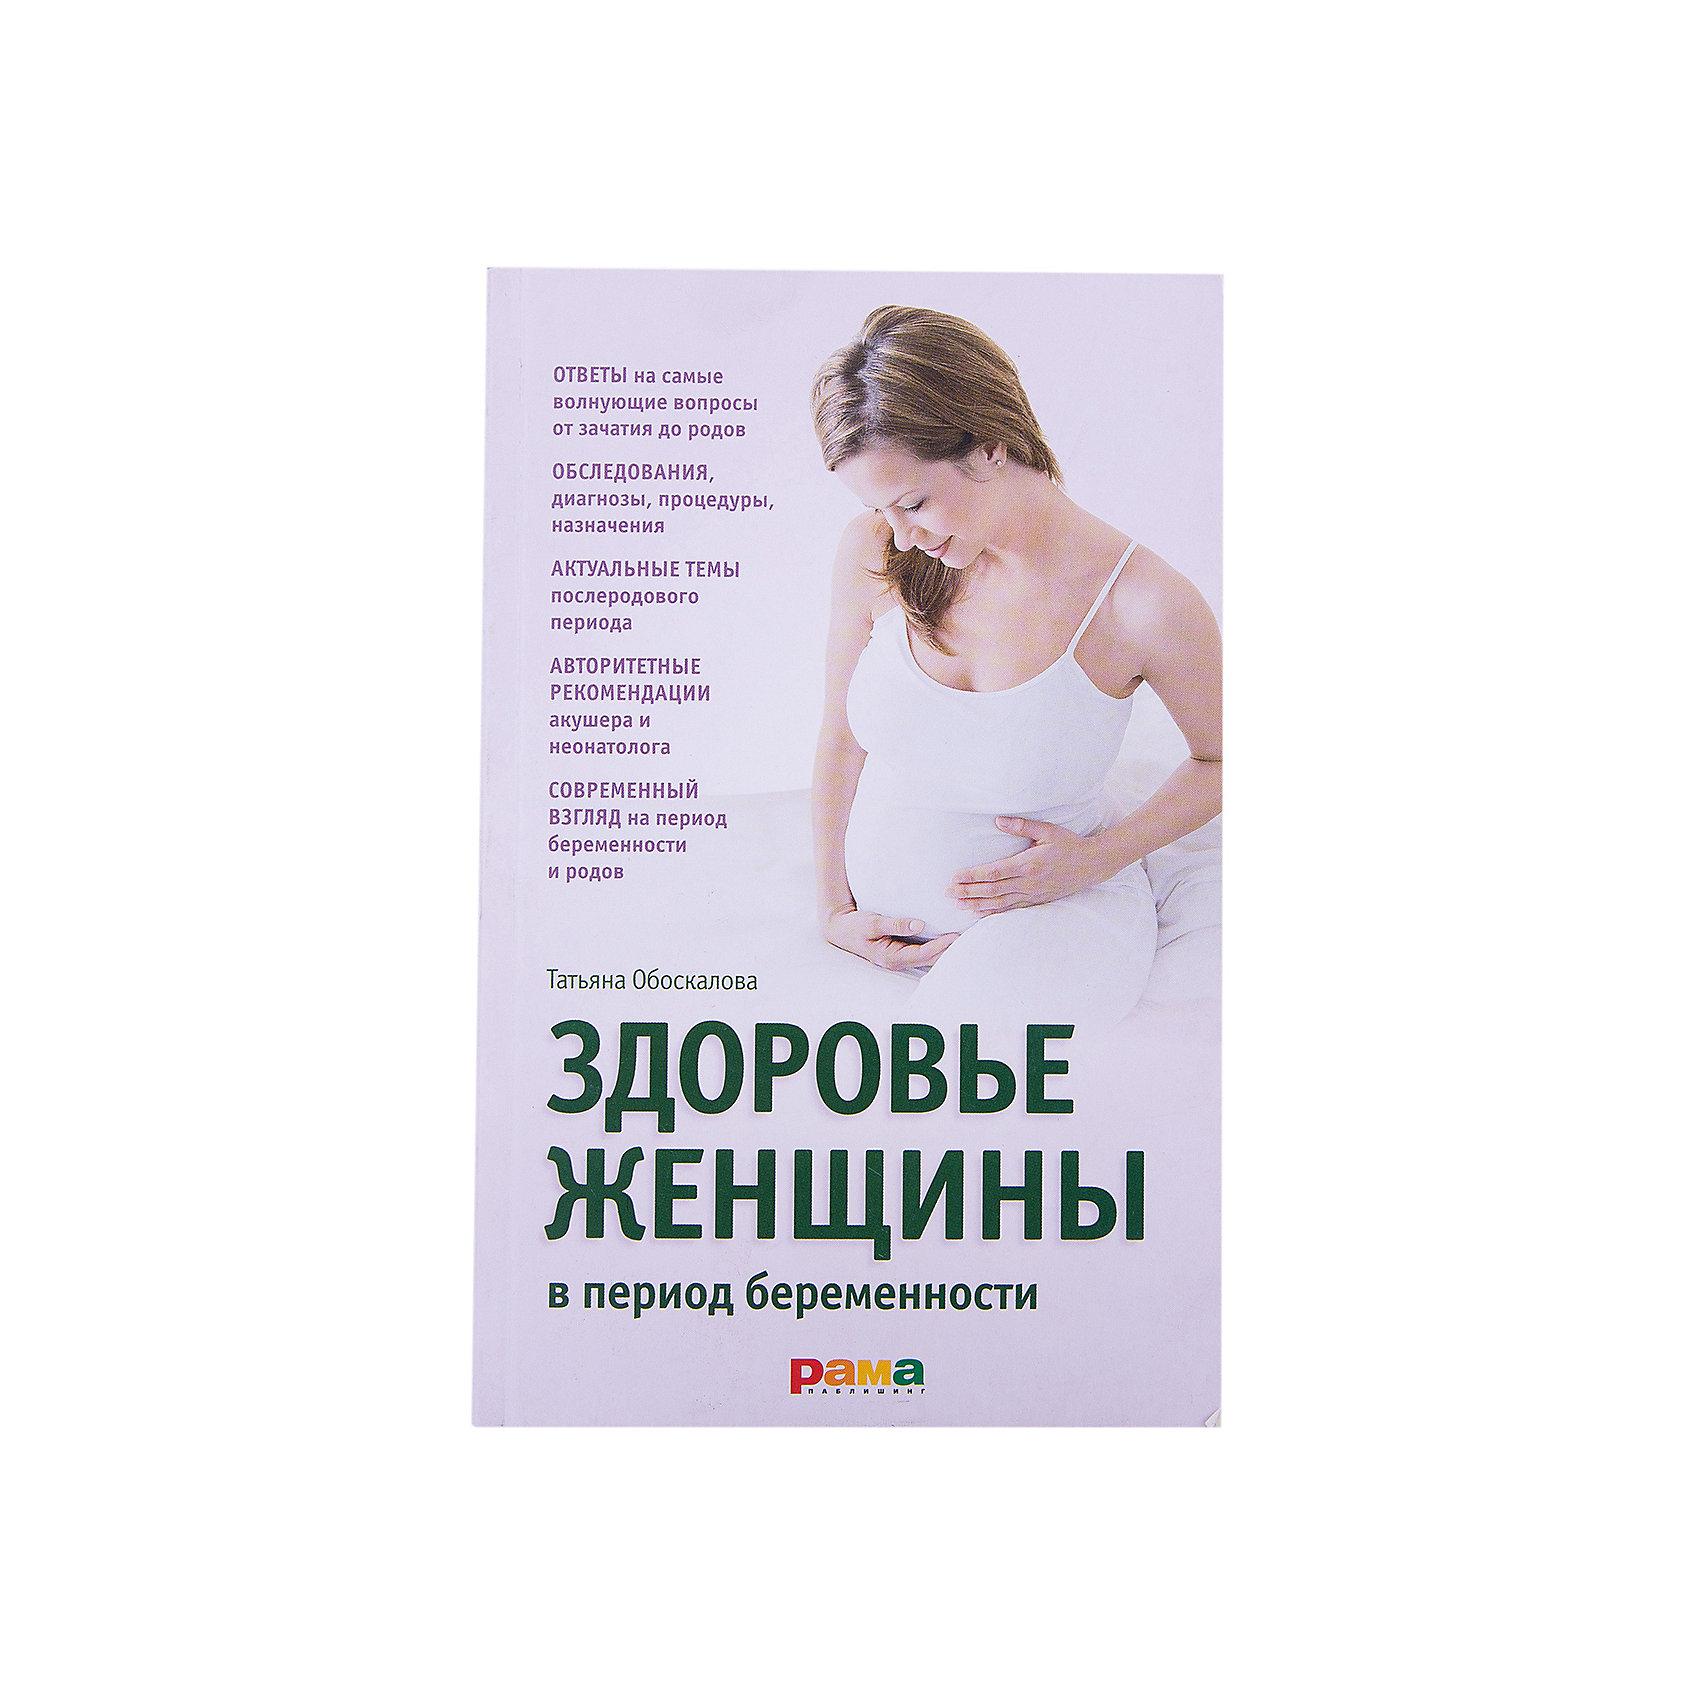 Здоровье женщины в период беременностиБеременность, роды<br>Эта книга - ориентир для будущих мам по самым частым и актуальным вопросам, которые они задают в период беременности. Более чем 30-летний опыт помощи будущим мамам подвиг автора книги, врача акушера-гинеколога, профессора Татьяну Анатольевну Обоскалову написать о том, что следует знать каждой ответственной за свое здоровье и здоровье будущего ребенка женщине. Все вопросы собраны в шесть разделов, начиная от периода планирования беременности и до вопросов первого месяца после рождения малыша. Краткая достоверная информация позволит каждой будущей маме быть уверенной в себе и не бояться того, что говорят врачи.<br><br>Дополнительная информация:<br><br>- Автор: Обоскалова Татьяна Анатольевна.<br>- Формат: 20х12,8 см.<br>- Переплет: мягкий.<br>- Количество страниц: 232.<br>- Иллюстрации: черно-белые. <br><br>Книгу Здоровье женщины в период беременности, можно купить в нашем магазине.<br><br>Ширина мм: 127<br>Глубина мм: 10<br>Высота мм: 199<br>Вес г: 250<br>Возраст от месяцев: 216<br>Возраст до месяцев: 2147483647<br>Пол: Женский<br>Возраст: Детский<br>SKU: 4522262